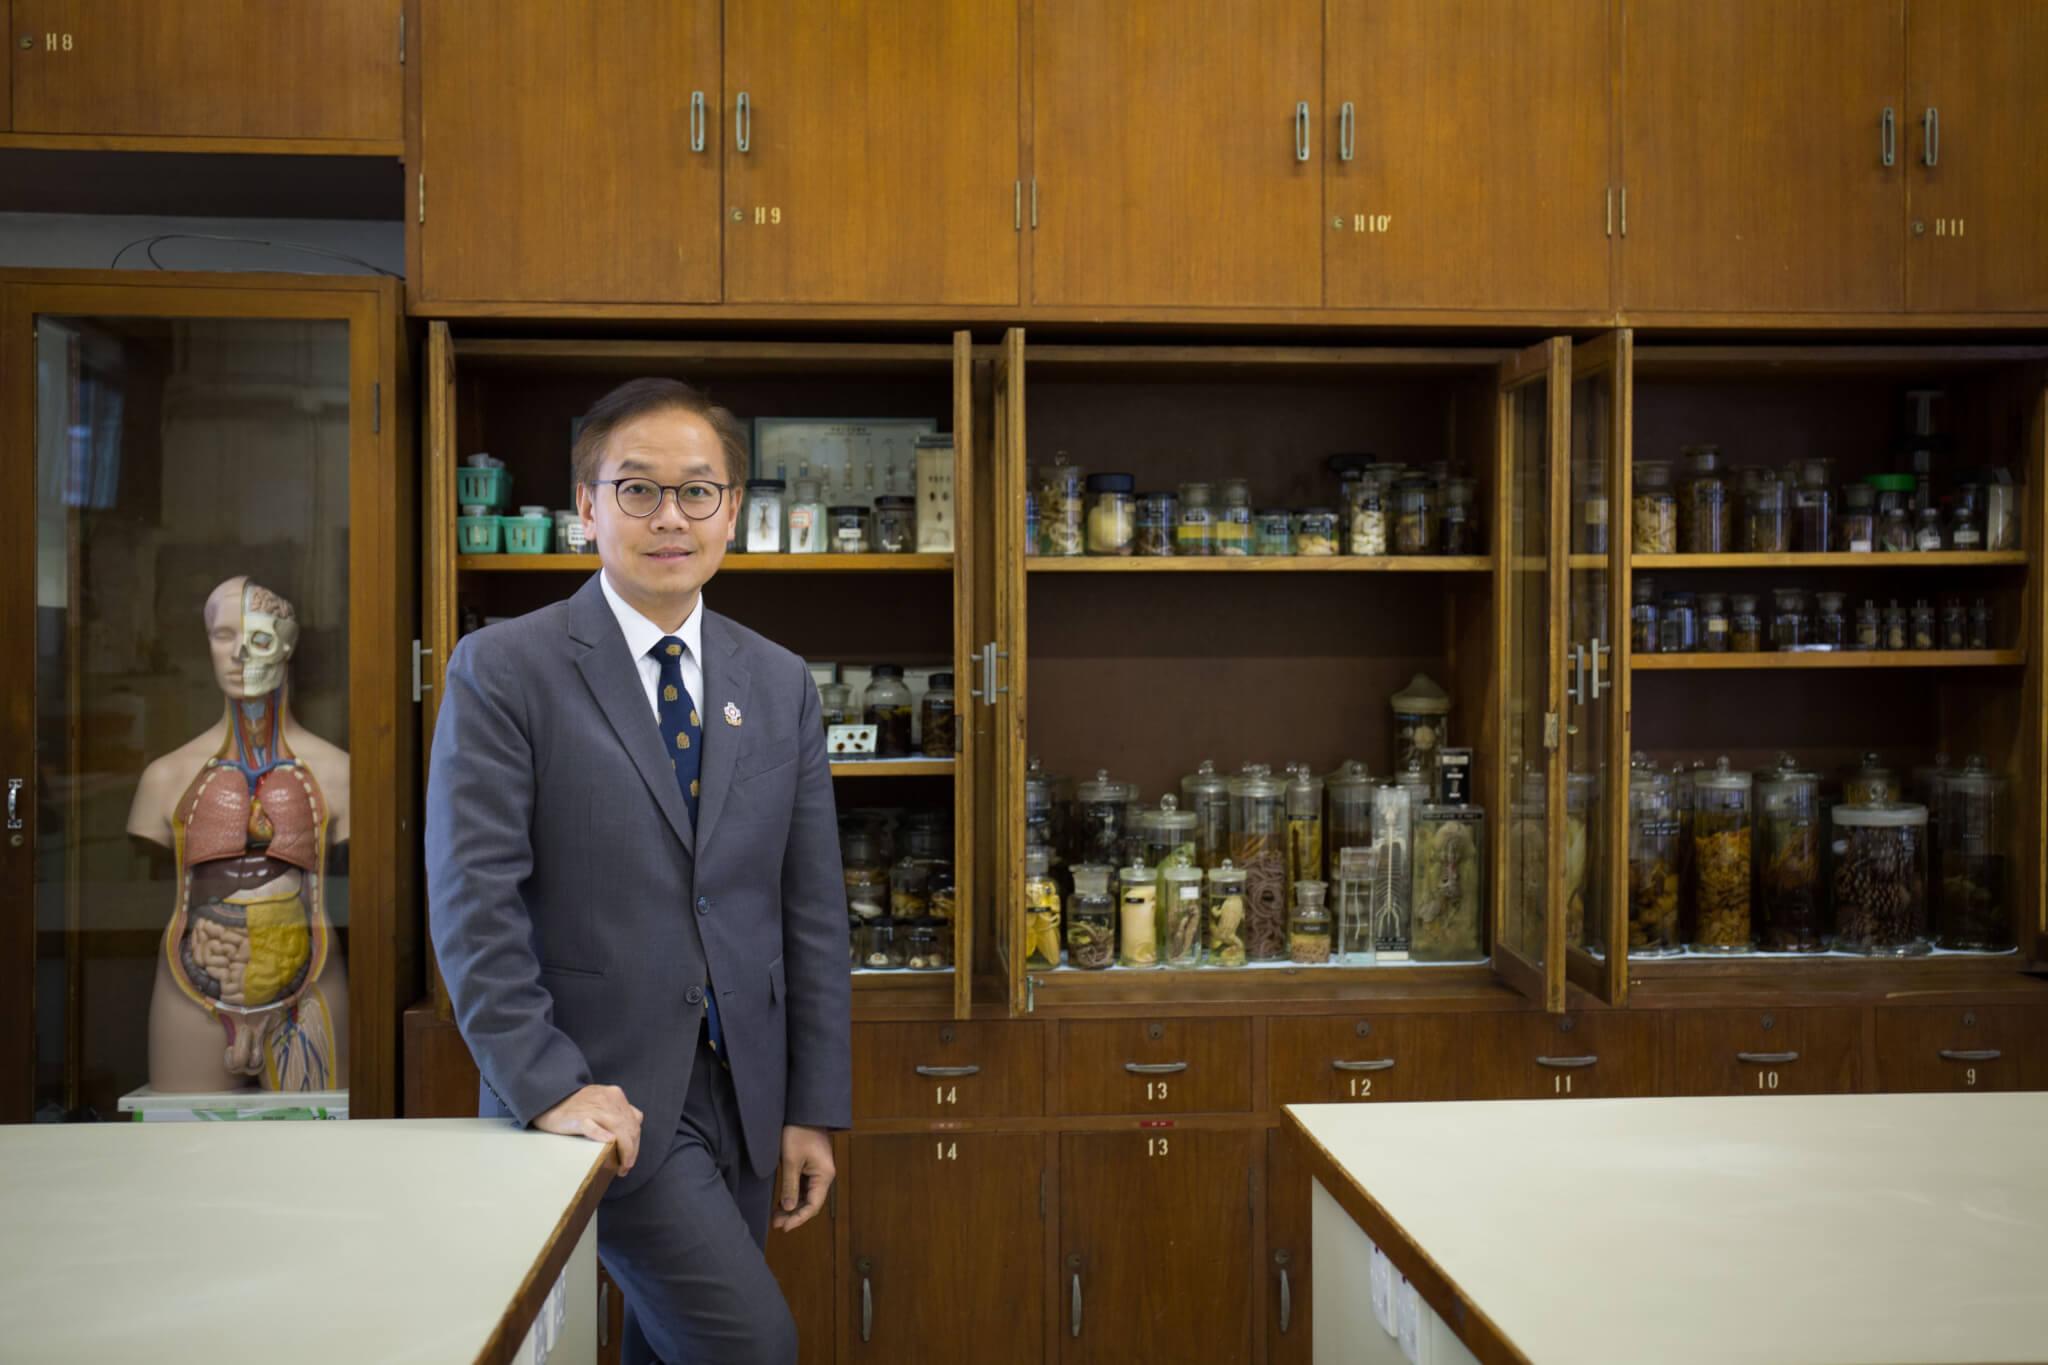 現任中大醫學院副院長胡志遠,認為一個好的醫生,一定持有服務的態度,且與病人建立良好的關係,他希望聖保羅畢業的醫學生,也能牢記、擁有這一份精神。